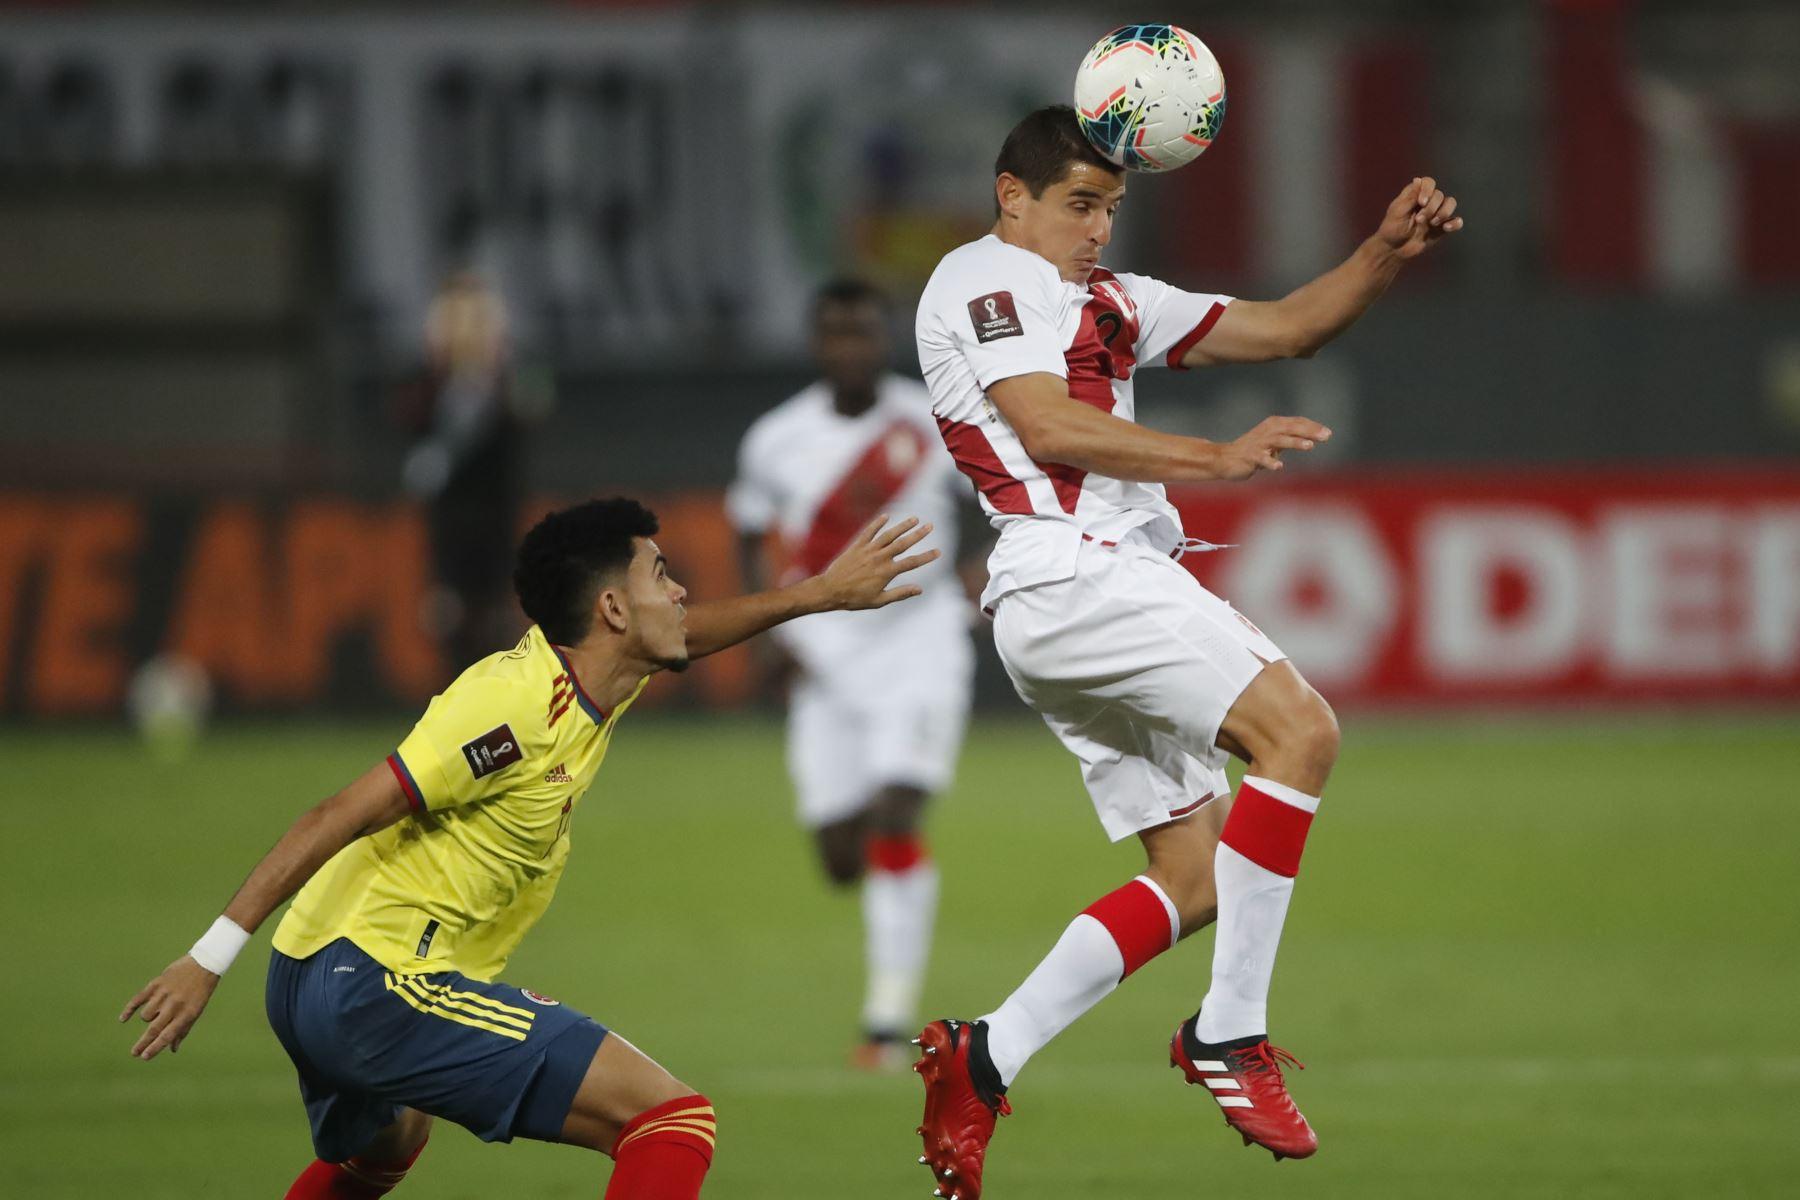 El jugador Aldo Corzo de la selección Peruana se enfrenta al jugador de la Selección de Colombia  por la jornada 7 de las Eliminatorias Qatar 2022 en el estadio Nacional de Lima, Perú.  Foto: Pool/FPF